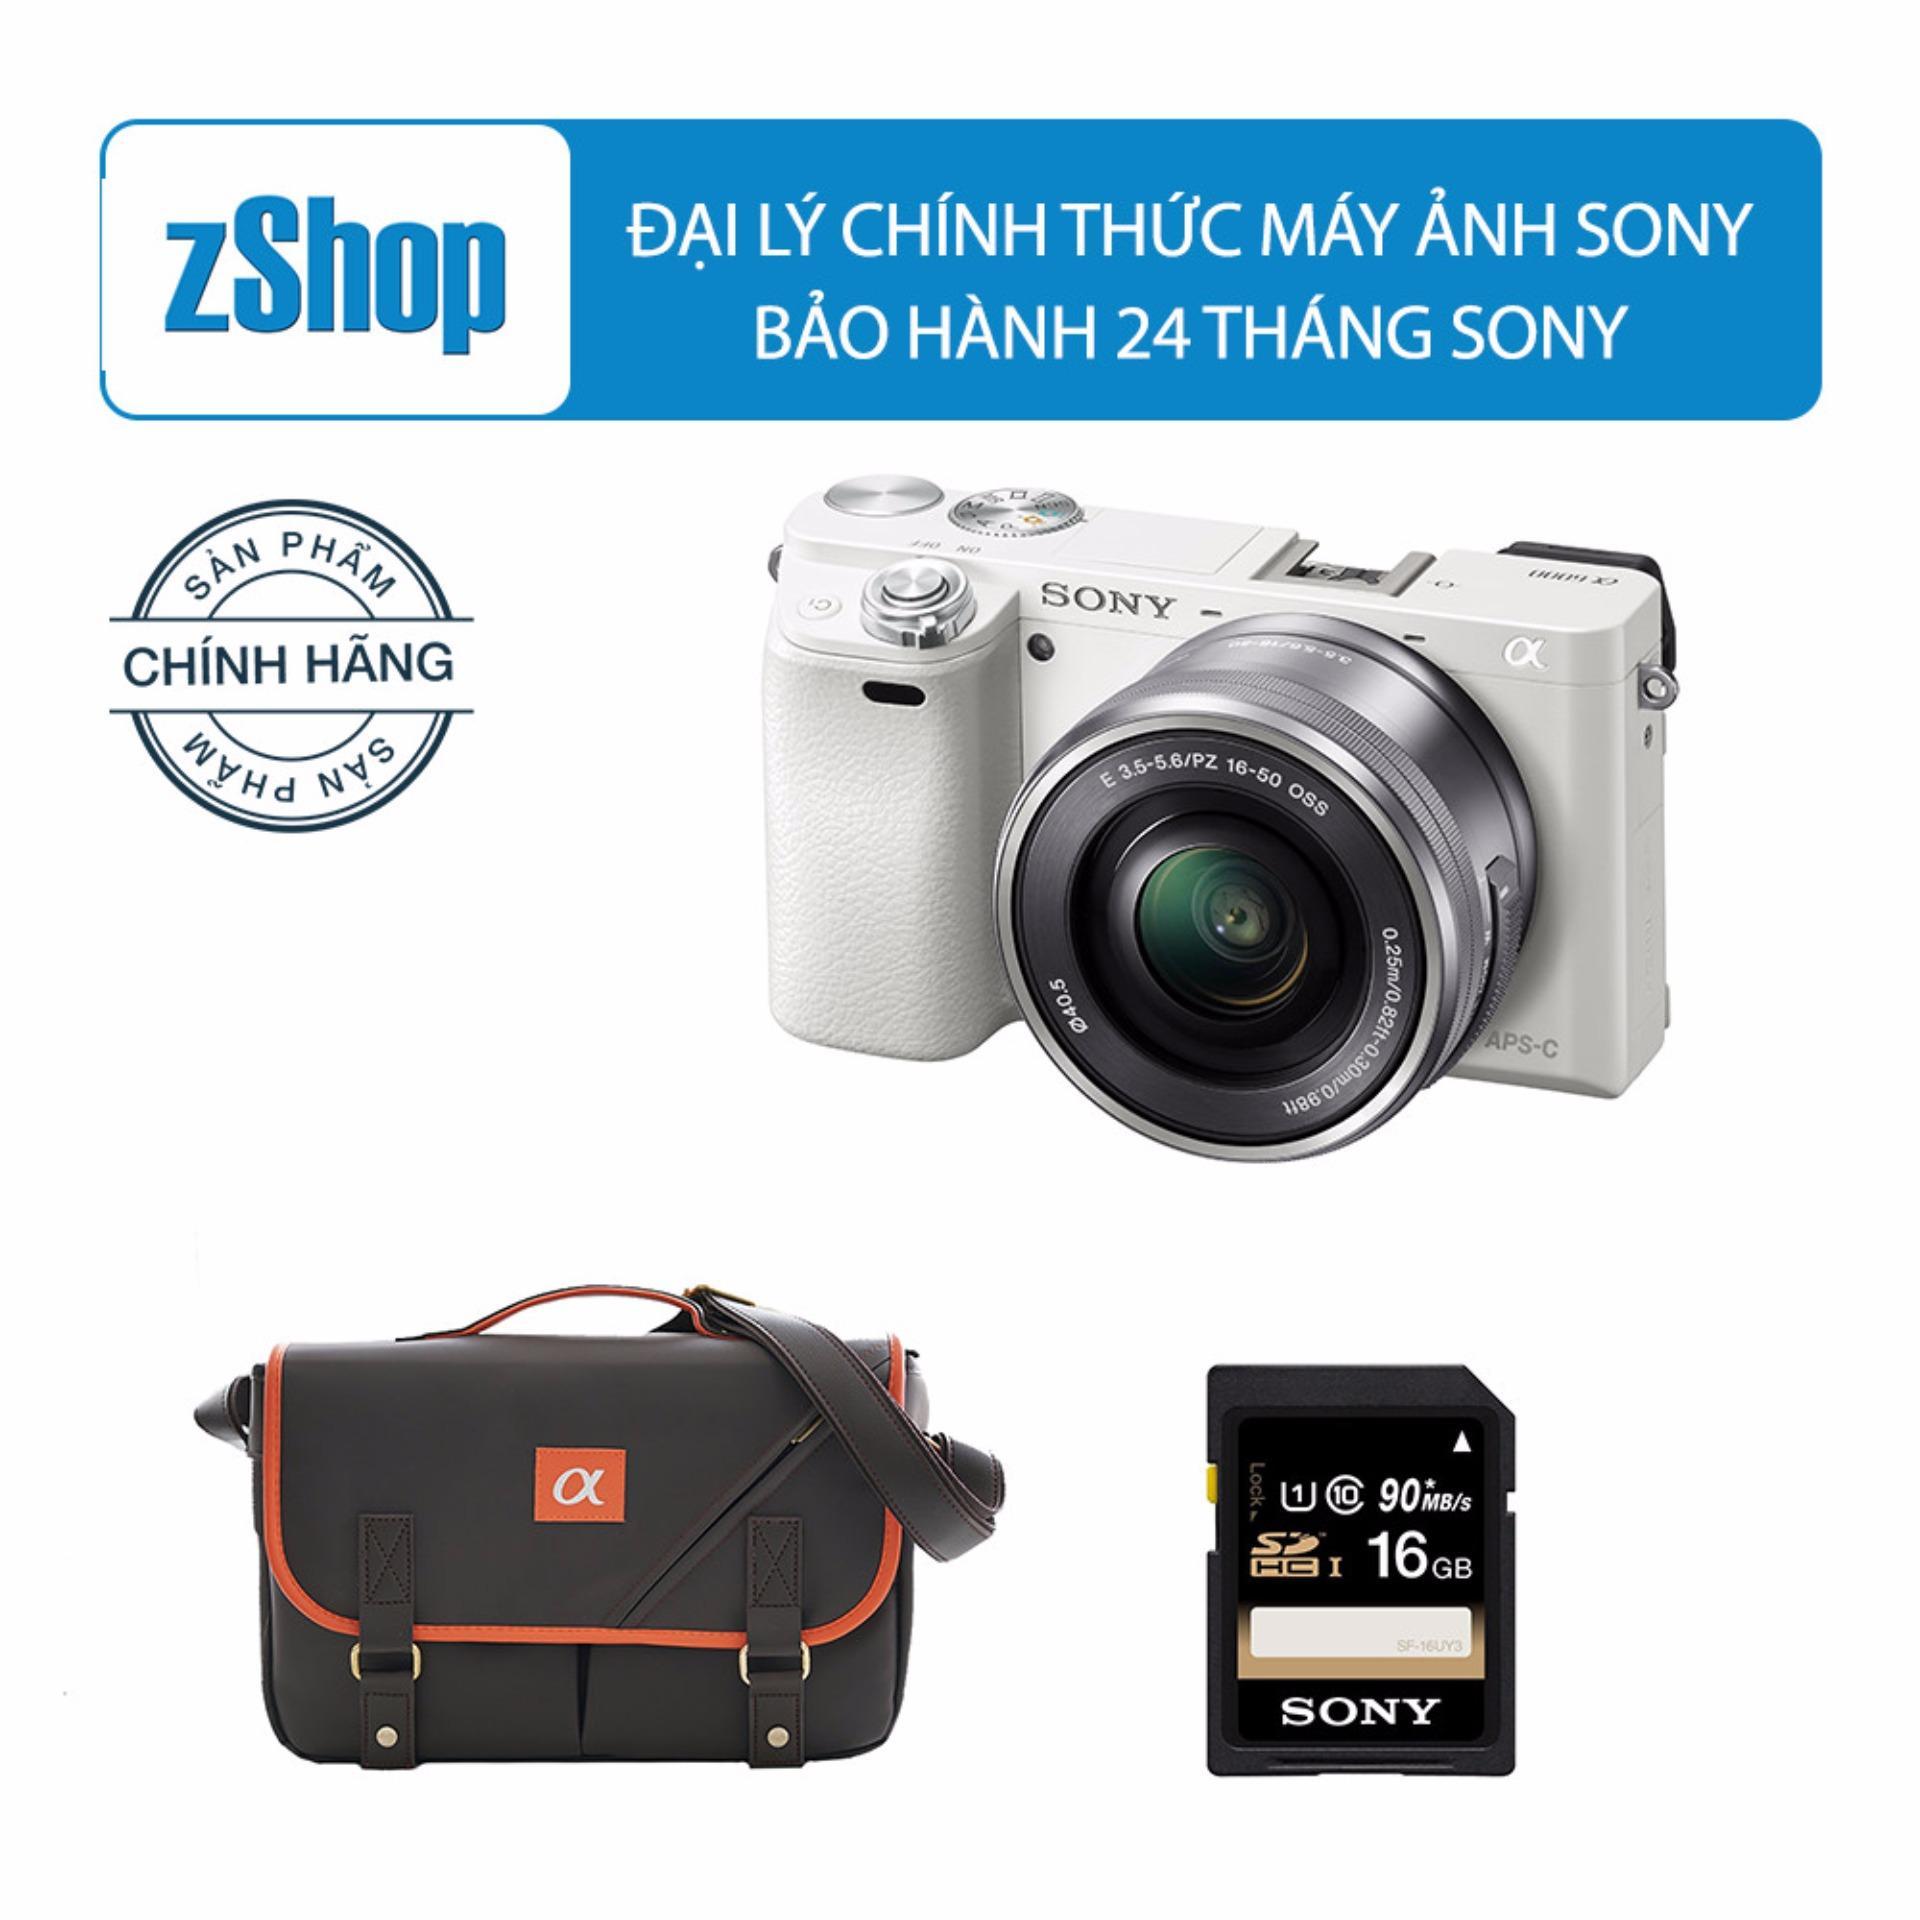 Máy ảnh Sony Alpha A6000 24.3MP với lens kit 16-50mm (Trắng) – Chính hãng + Tặng Thẻ nhớ SD 16GB + Túi Sony